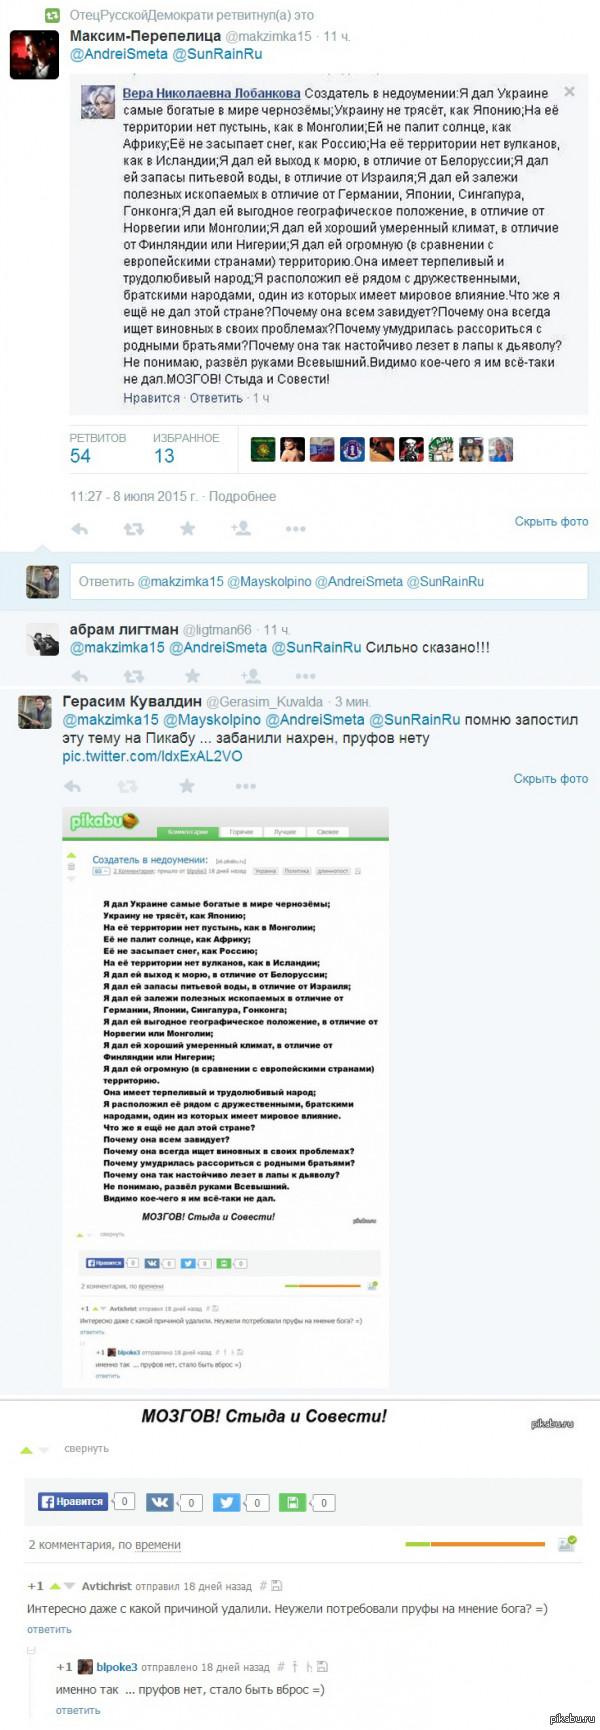 """Создатель в недоумении 2. собственно первый нах : <a href=""""http://pikabu.ru/story/sozdatel_v_nedoumenii_3436207#comments"""">http://pikabu.ru/story/_3436207</a>   https://twitter.com/Mayskolpino"""